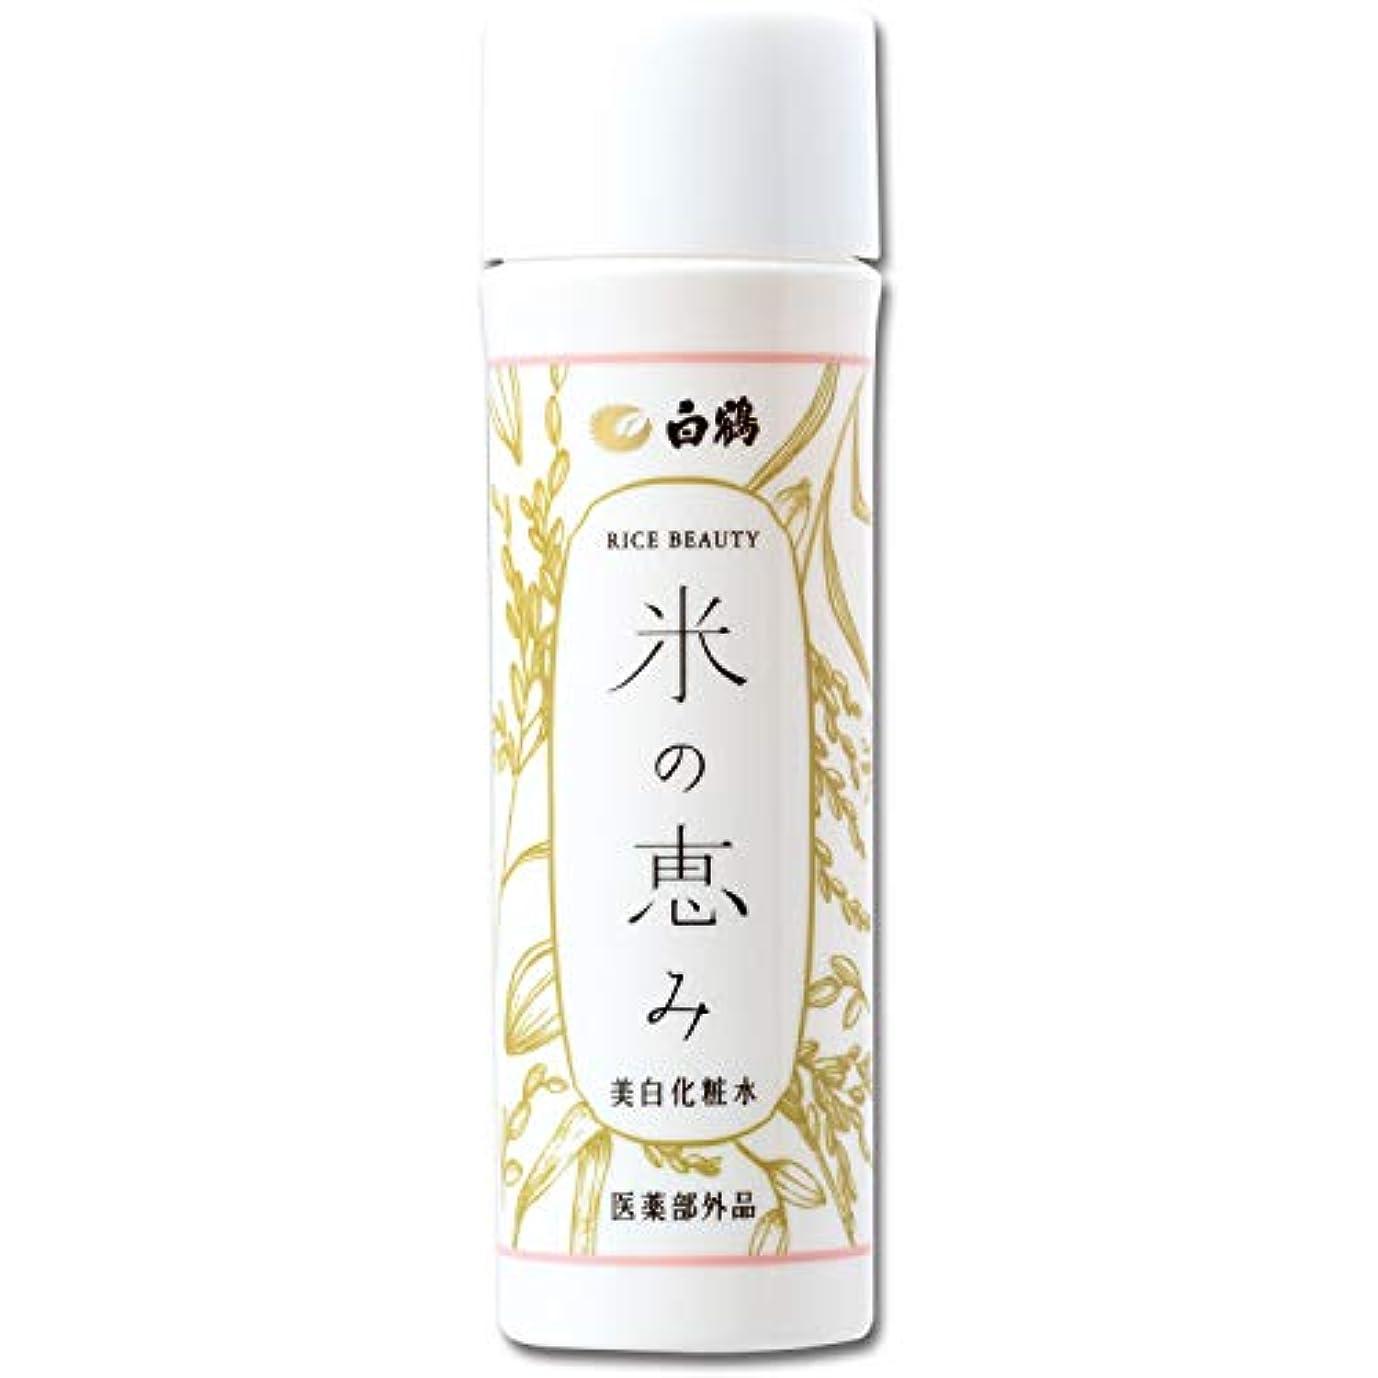 意義ご予約忌避剤ライスビューティー 米の恵み 美白化粧水 150ml 医薬部外品